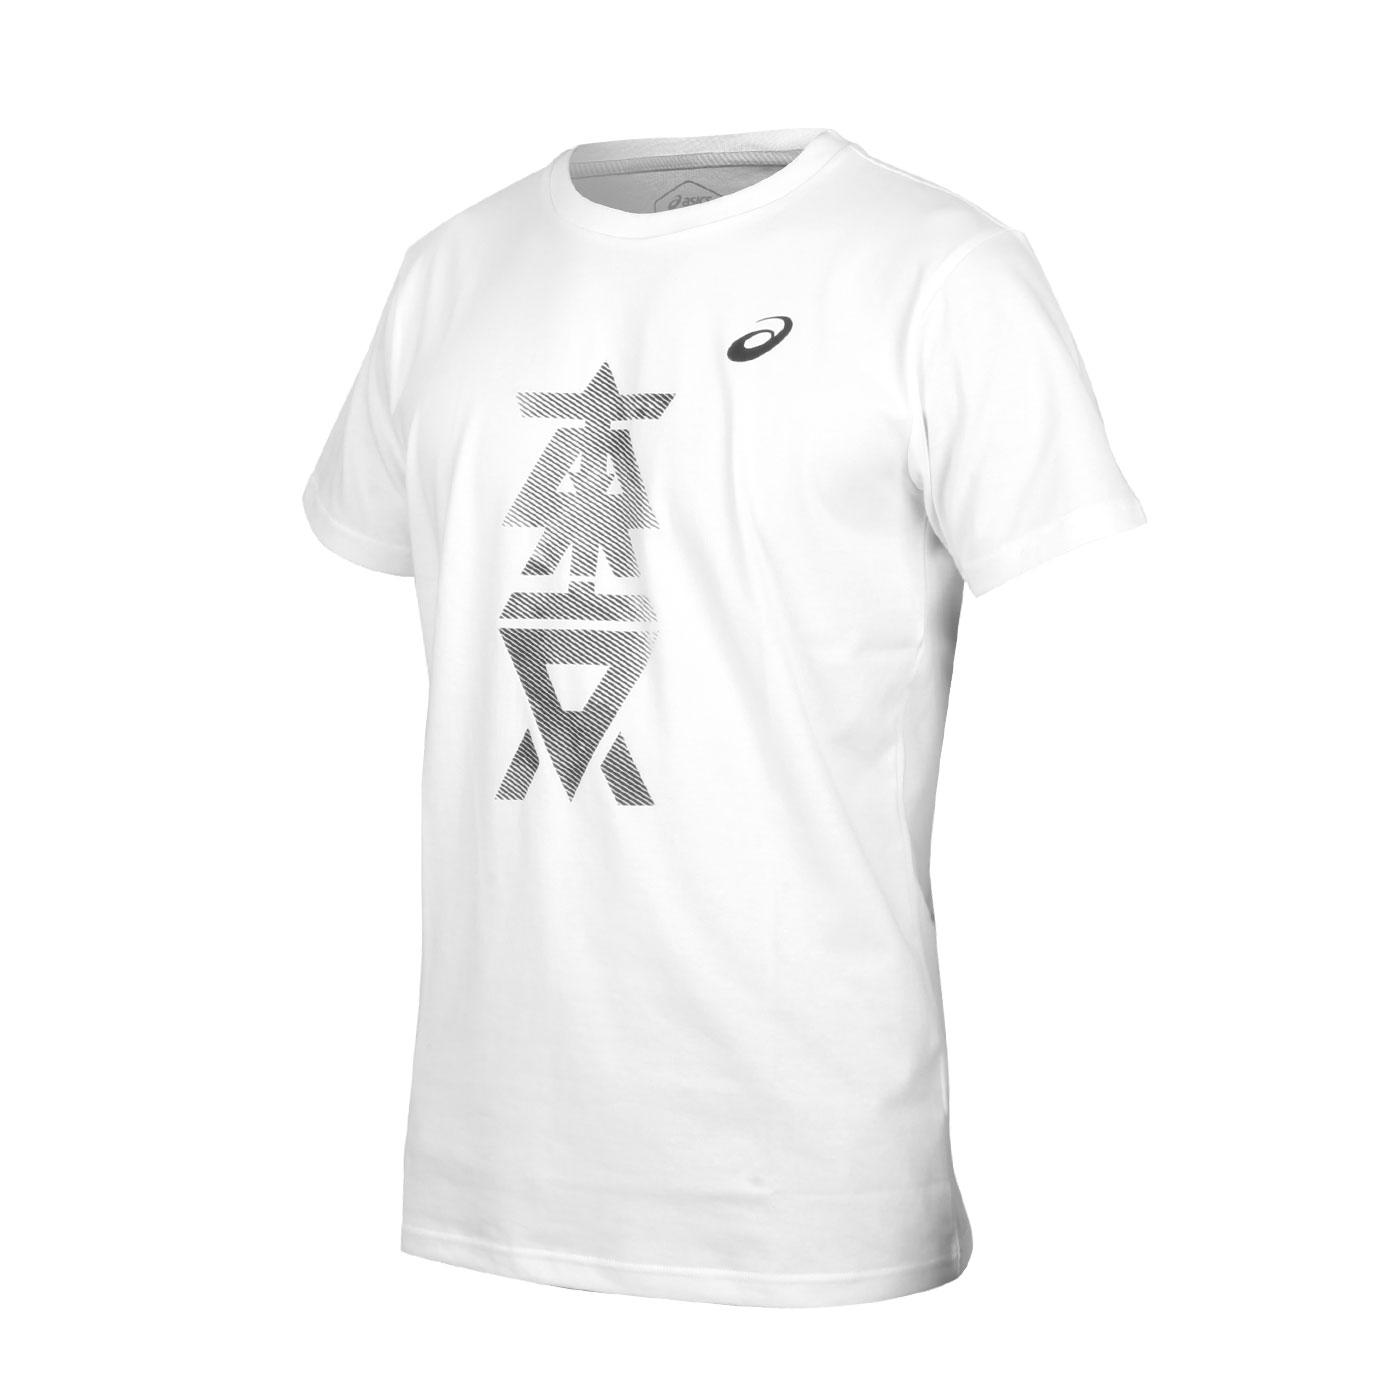 ASICS 男款短袖T恤 2031B815-001 - 白黑